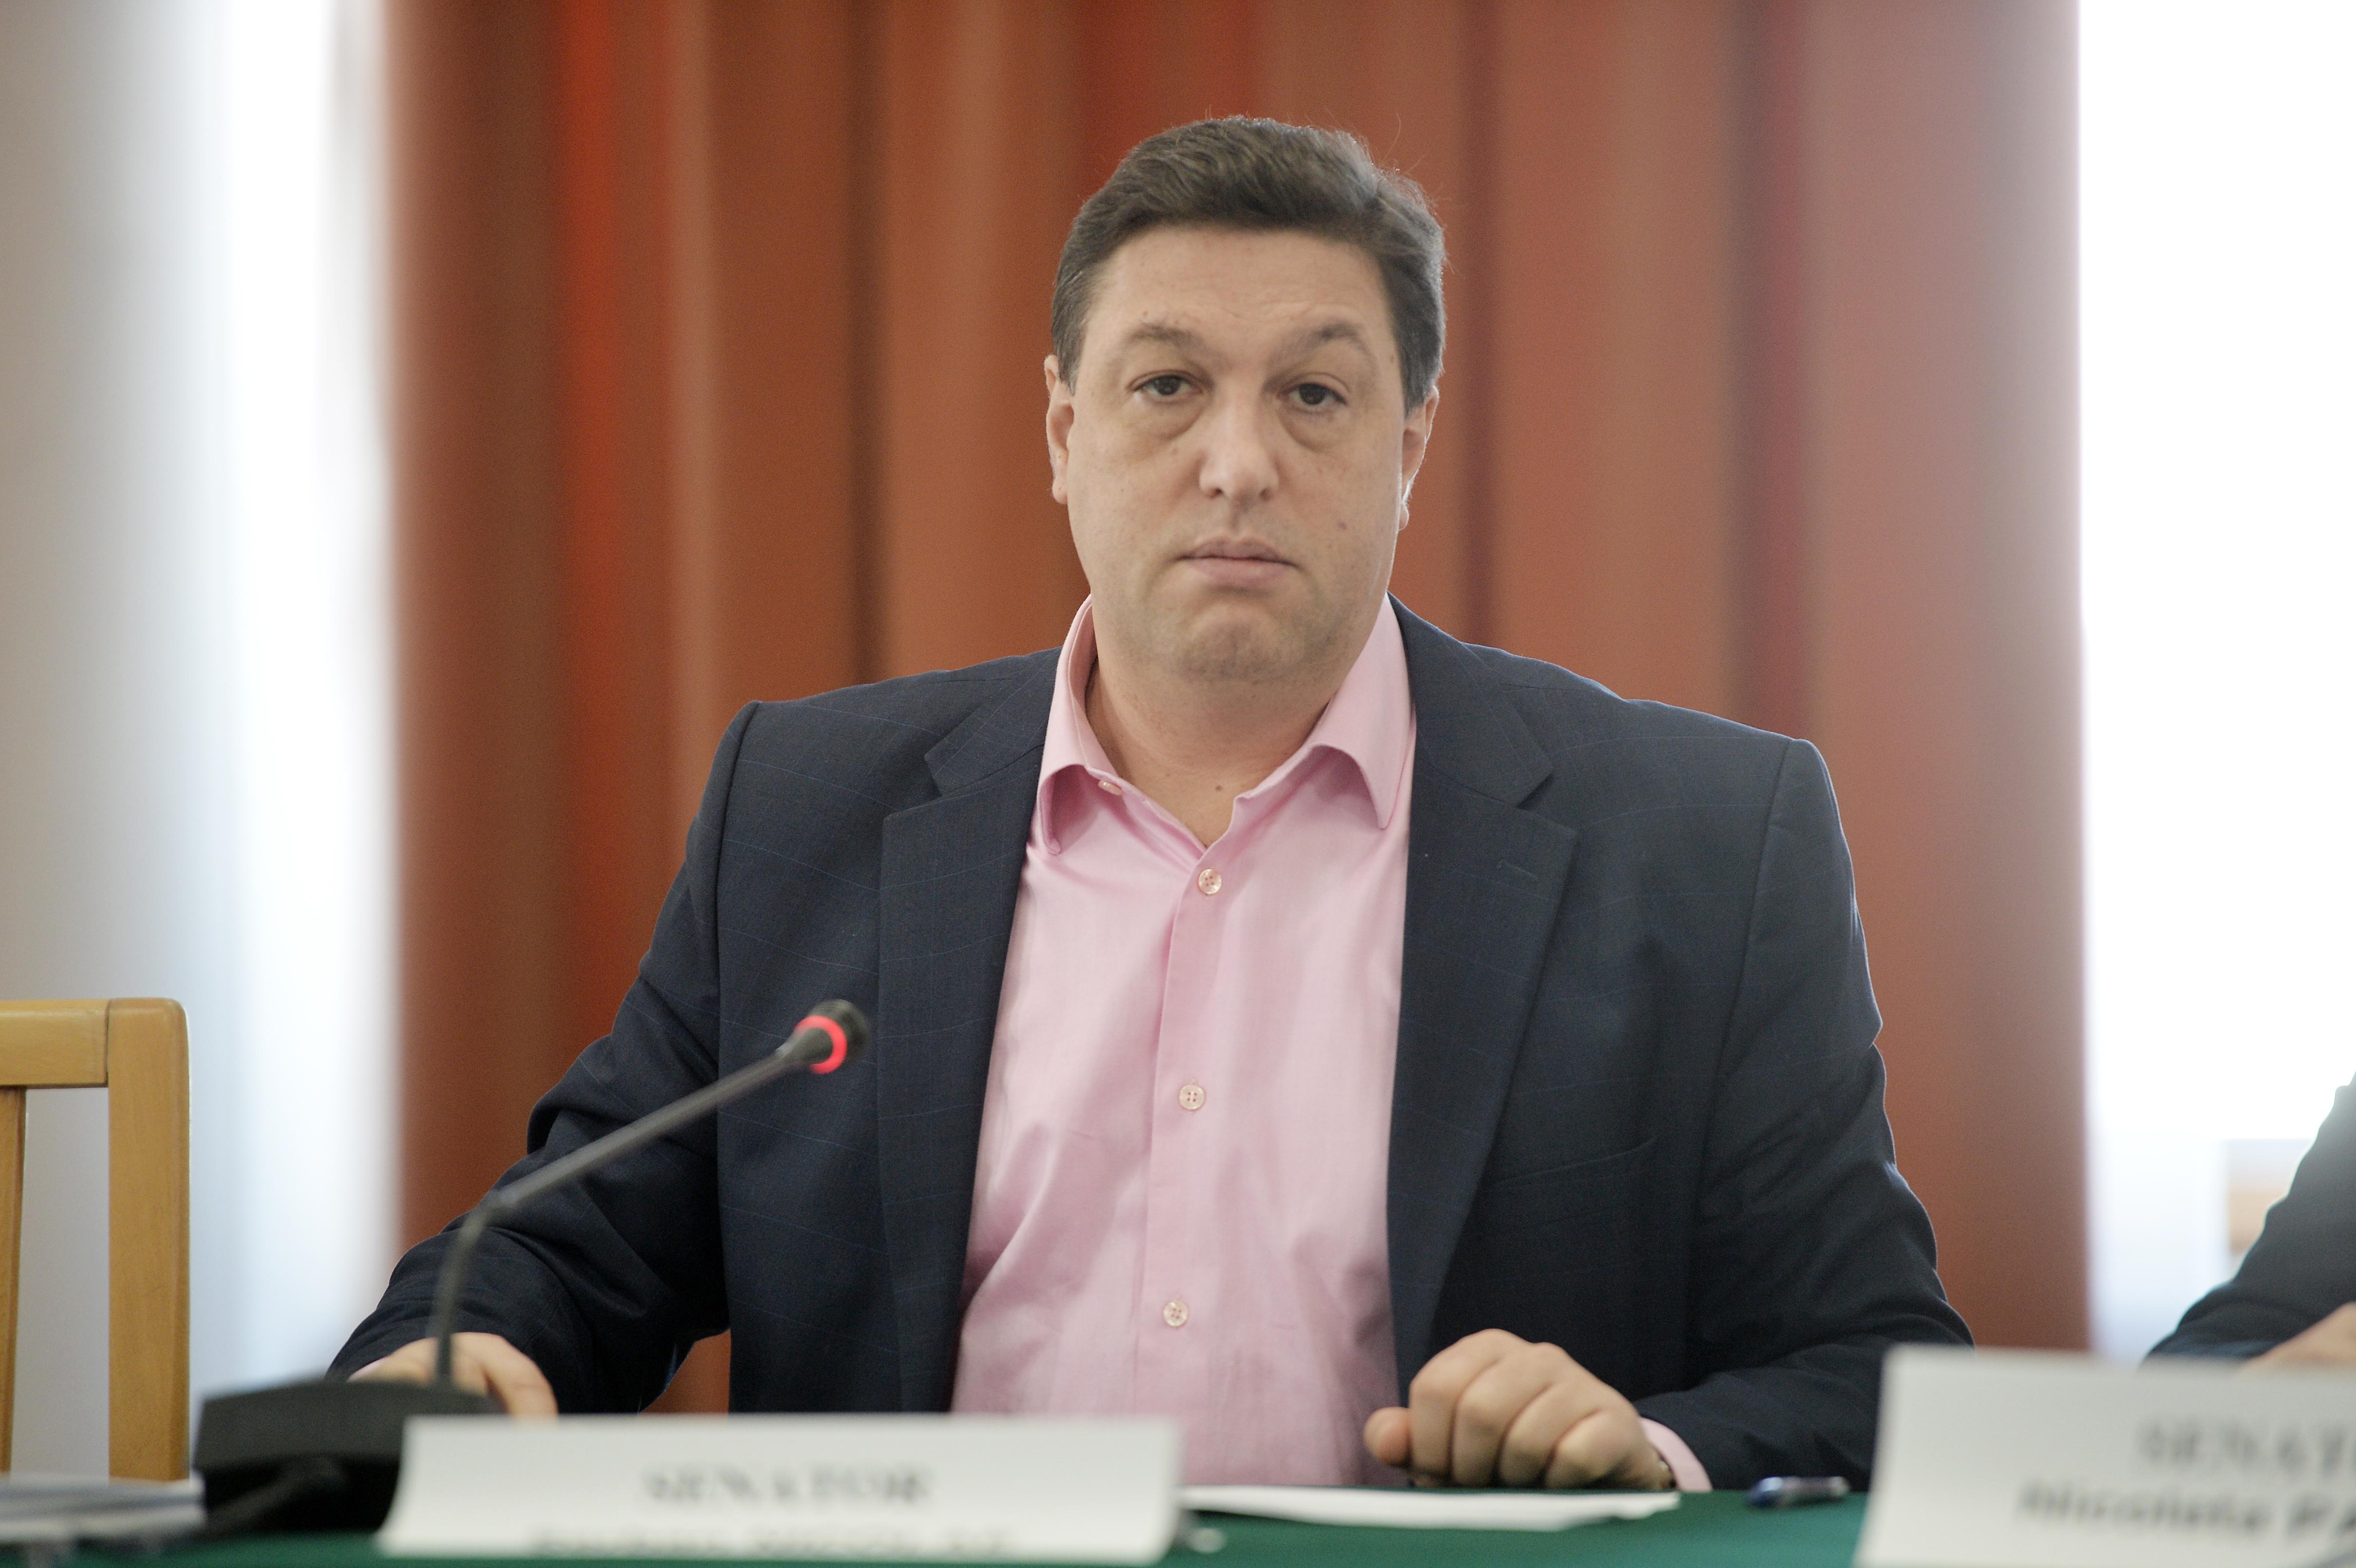 Şerban Nicolae, în CONTRADICŢIE cu liderul de partid Liviu Dragnea pe tema graţierii: Nu totul este o chestie militărească pe bază de ordin, pe bază de comandă unică